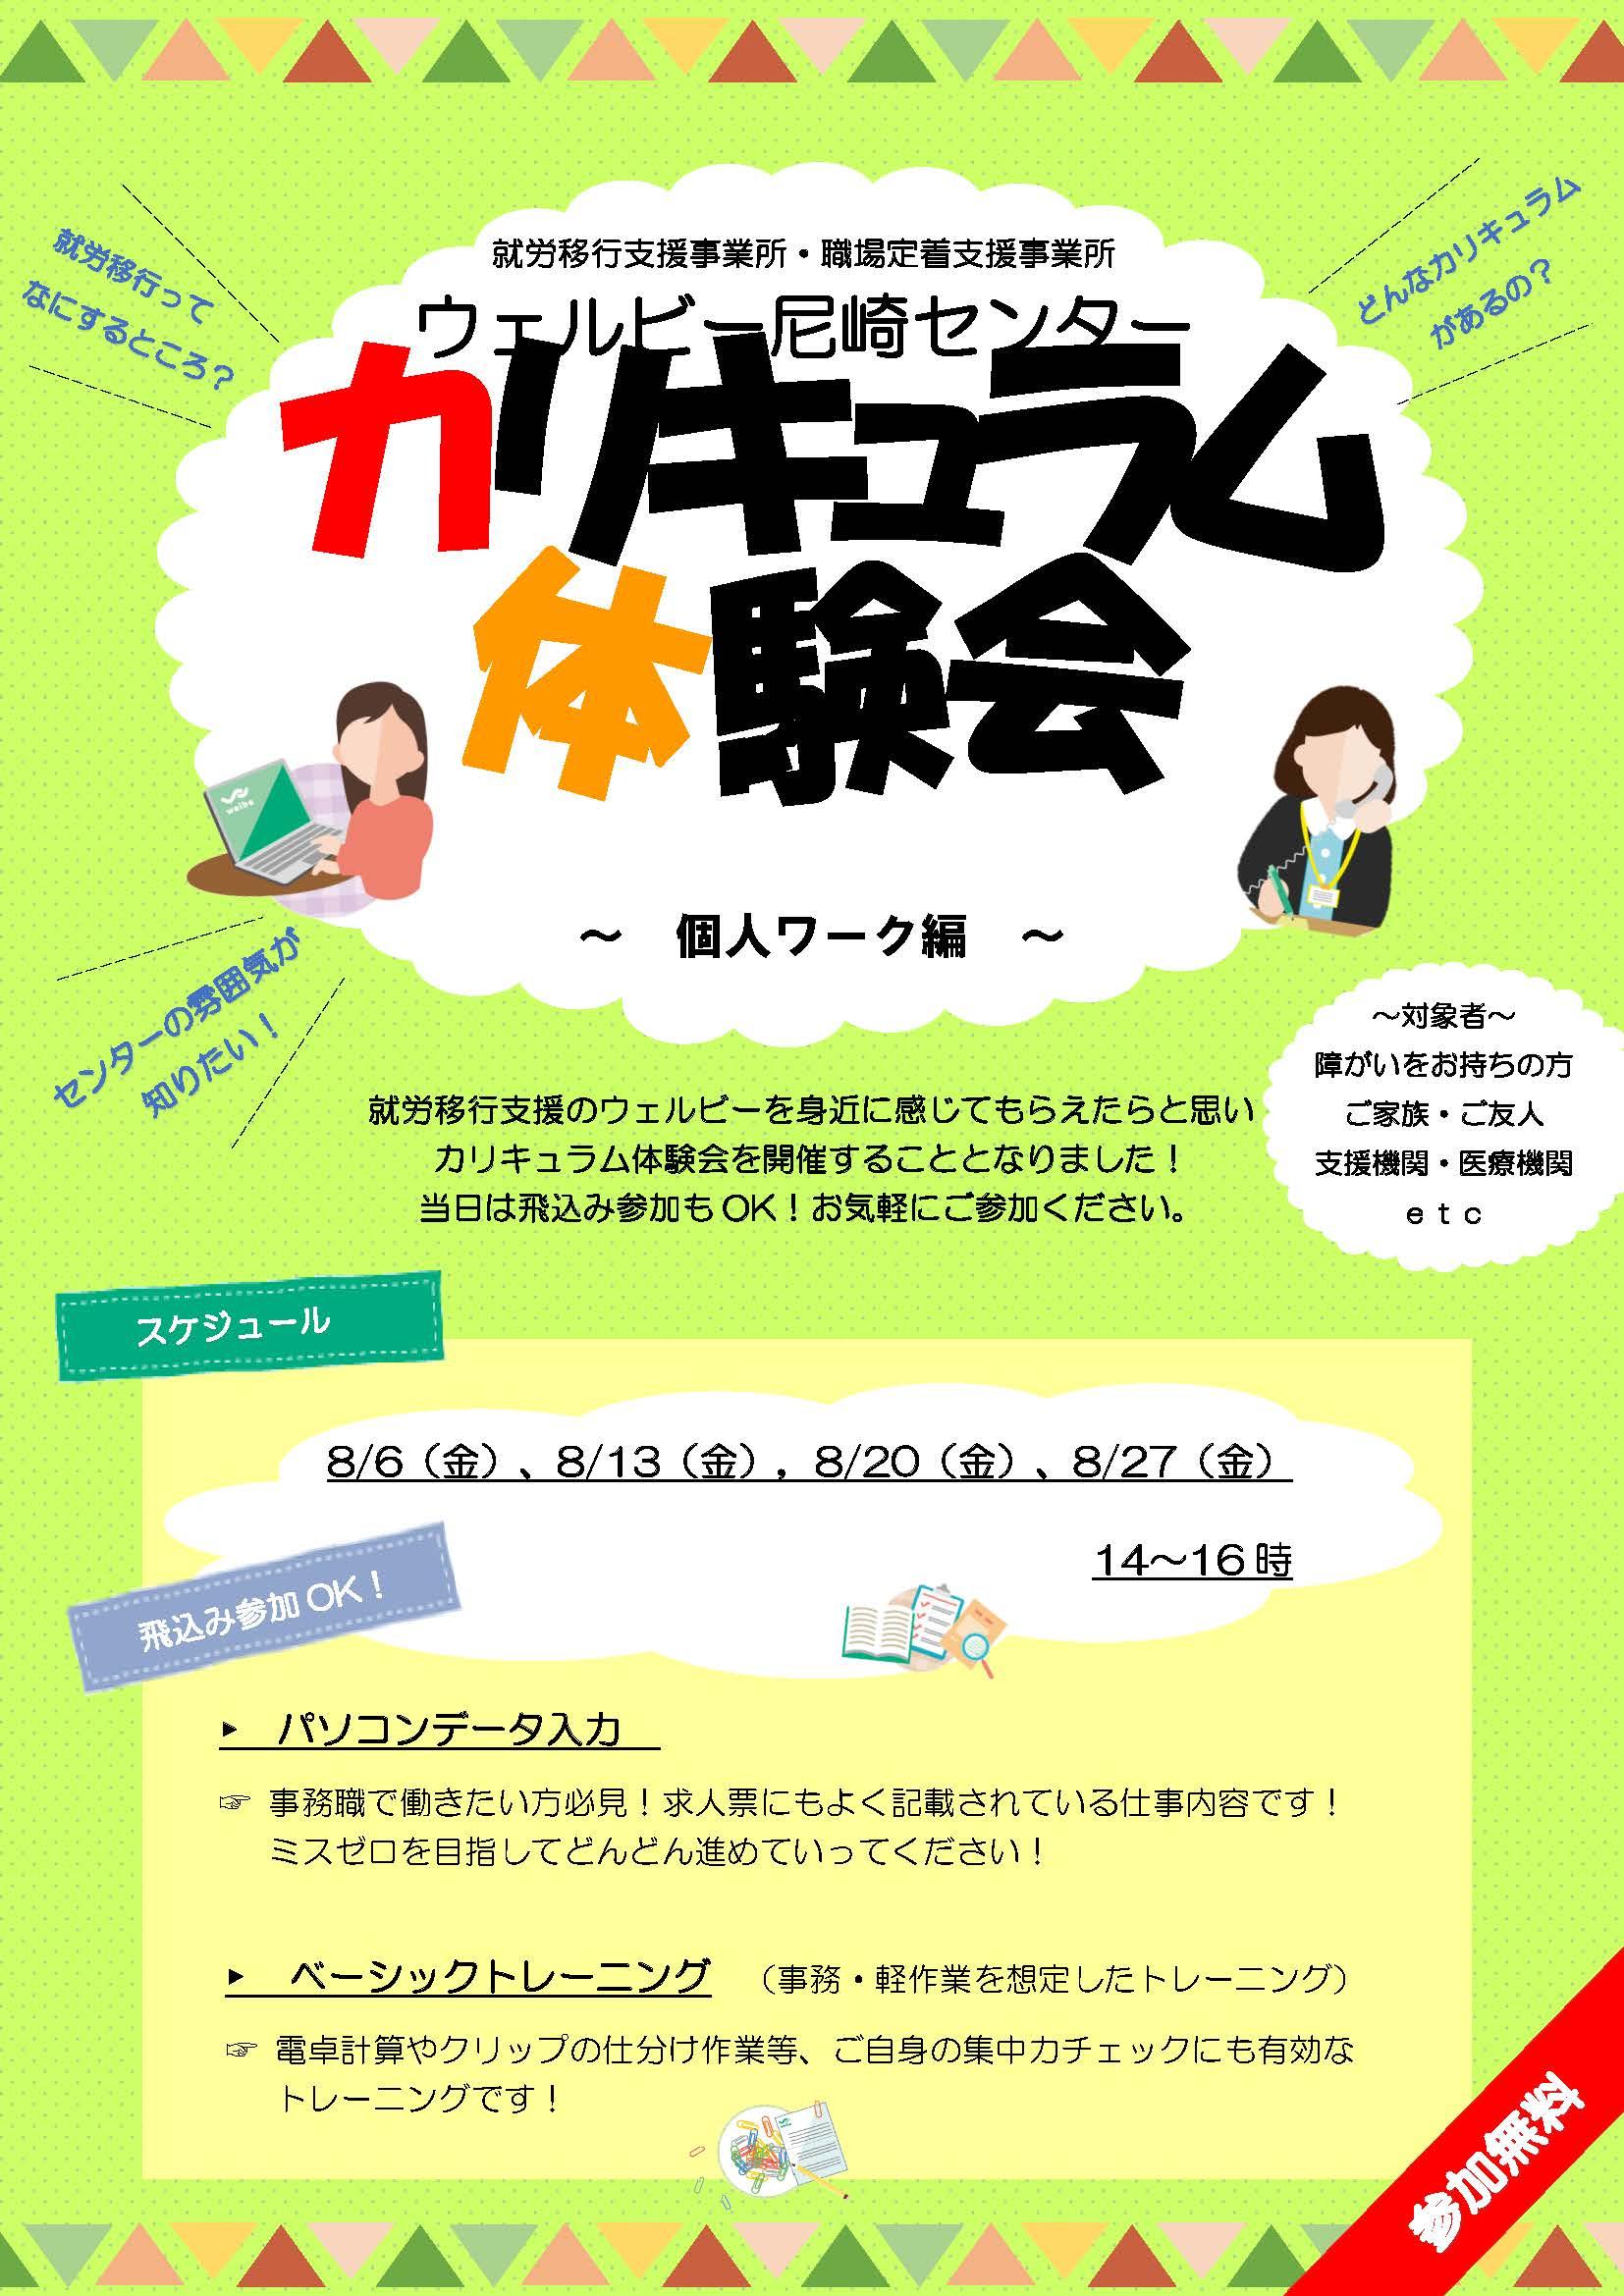 ウェルビー尼崎センターカリキュラム体験会チラシ(8月)docx